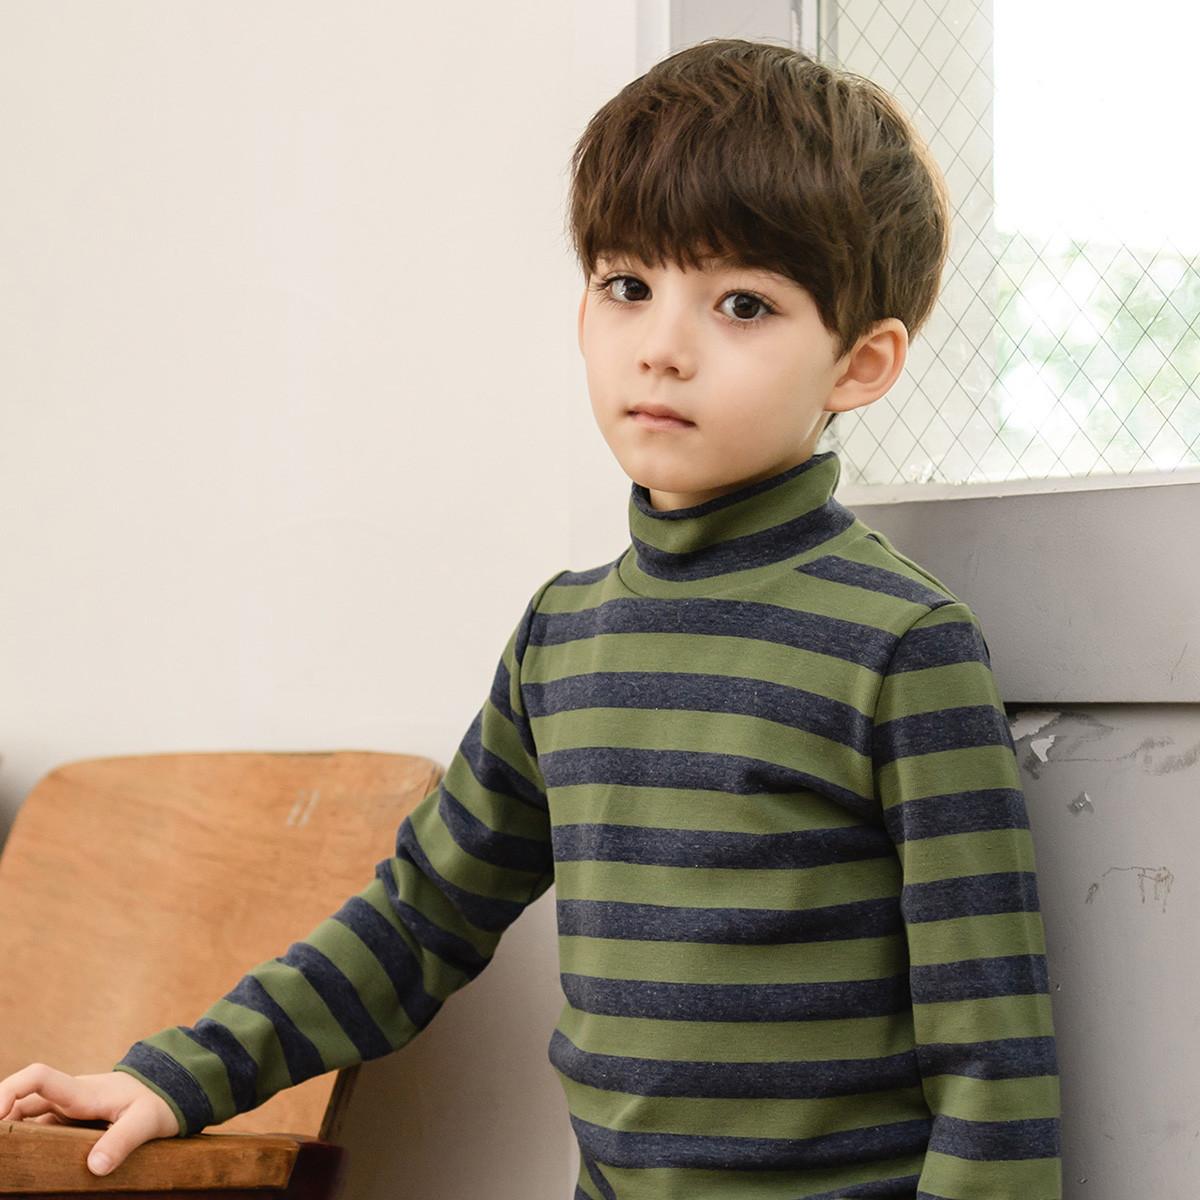 纯一良品纯一良品男童高领打底衫拼色条纹上衣新款儿童秋季长袖T恤潮1859805